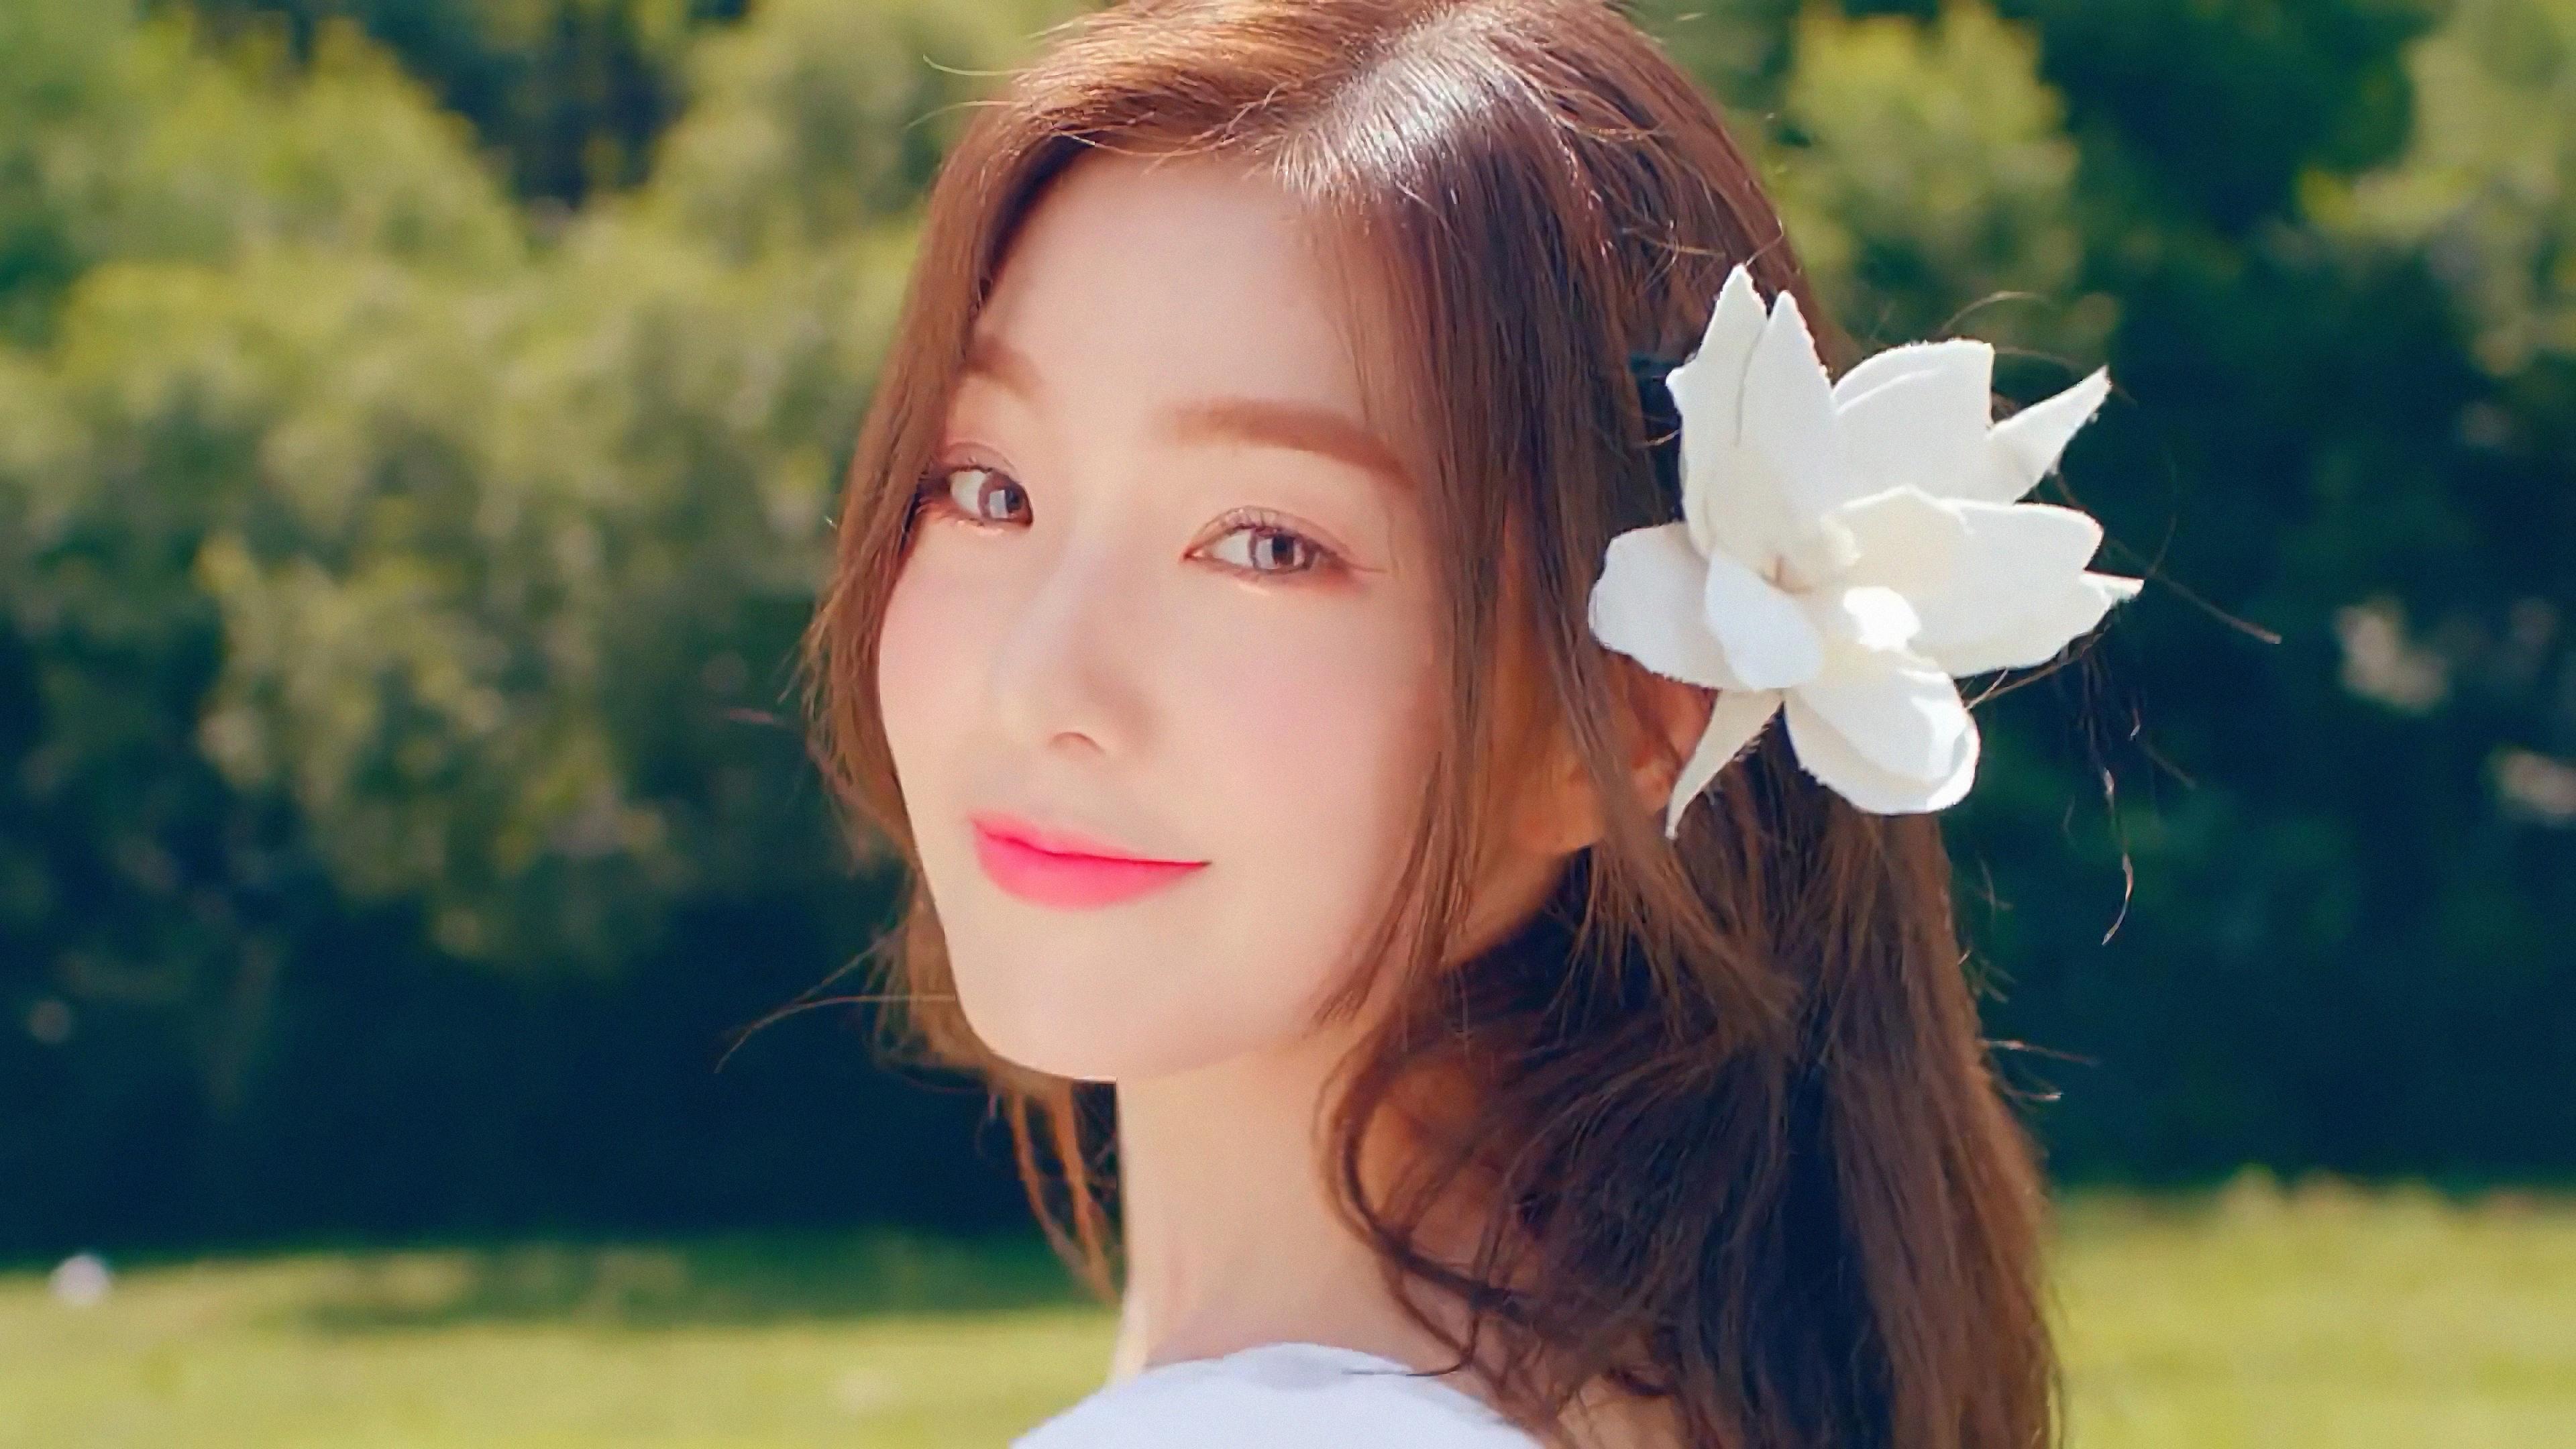 16 Red Velvet Irene Wallpapers On Wallpapersafari